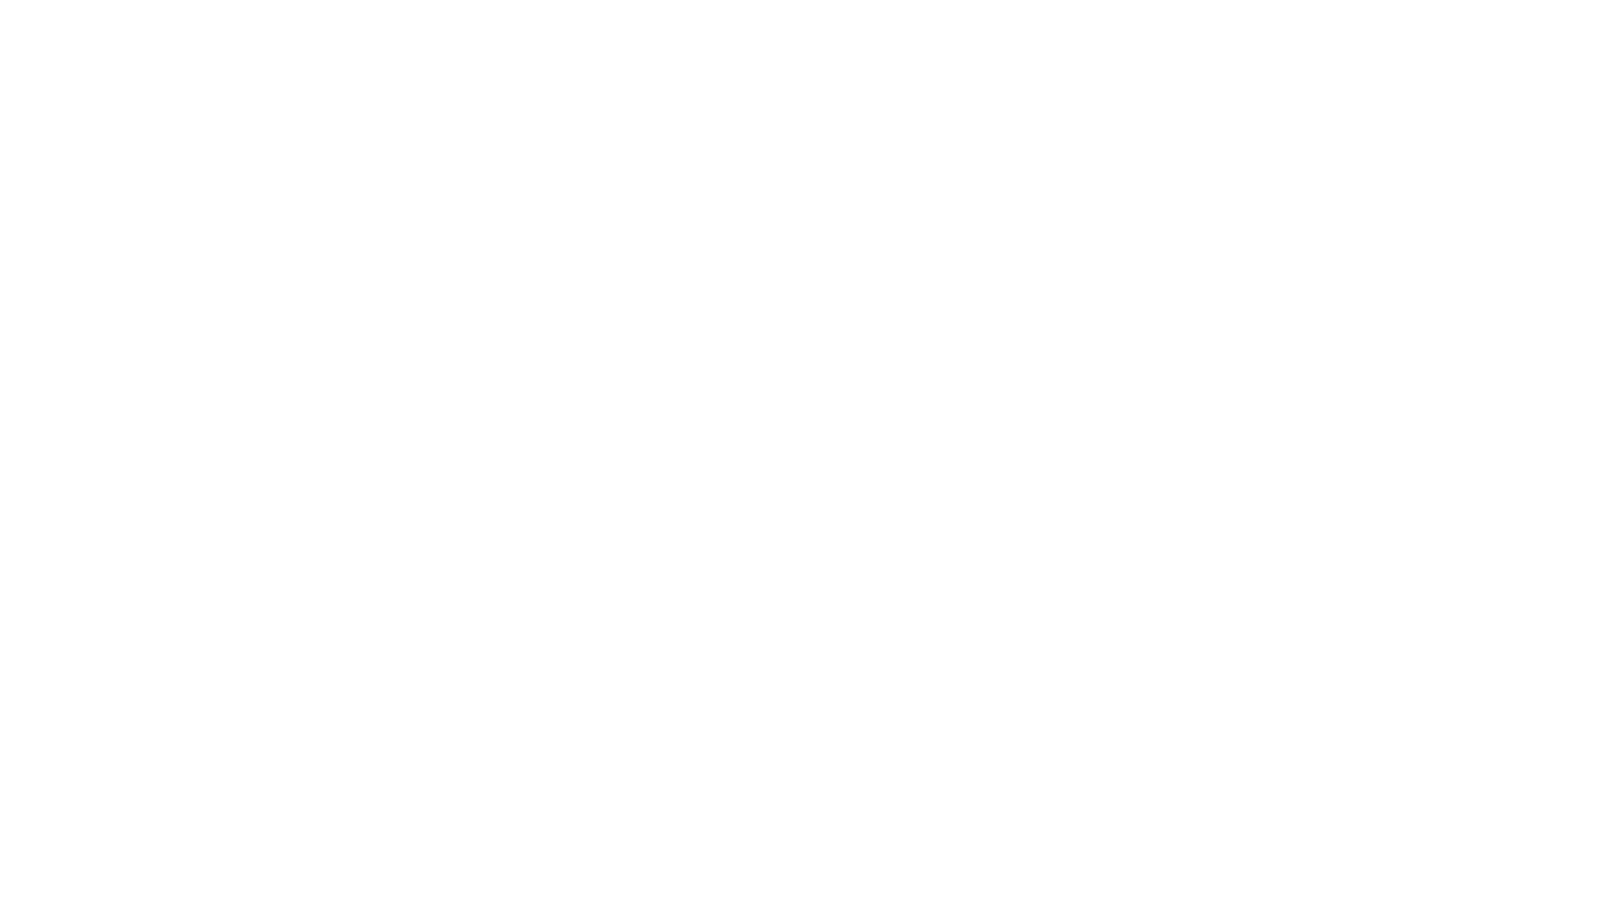 """Il Becco-a-Scarpa è unico nel suo genere. Monogamo e solitario, caccia immobile, in silenzio, per ore. Comunica con suoni """"simili a un muggito e pianti acuti"""". I pulcini più deboli vengono uccisi dai fratelli e ignorati dai genitori, che crescono un piccolo a nidiata. Al netto del suo aplomb da dinosauro, i Becchi-a-Scarpa sono gli schivi e docili cugini di secondo grado di Gonzo il Muppet e sono rimasti in pochi – fra i 5 e gli 8000 – per lo più in Tanzania e nello Zambia. Video tratto da un documentario della BBC. """"Ain't No Rest For The Wicked"""", Cage The Elephant."""